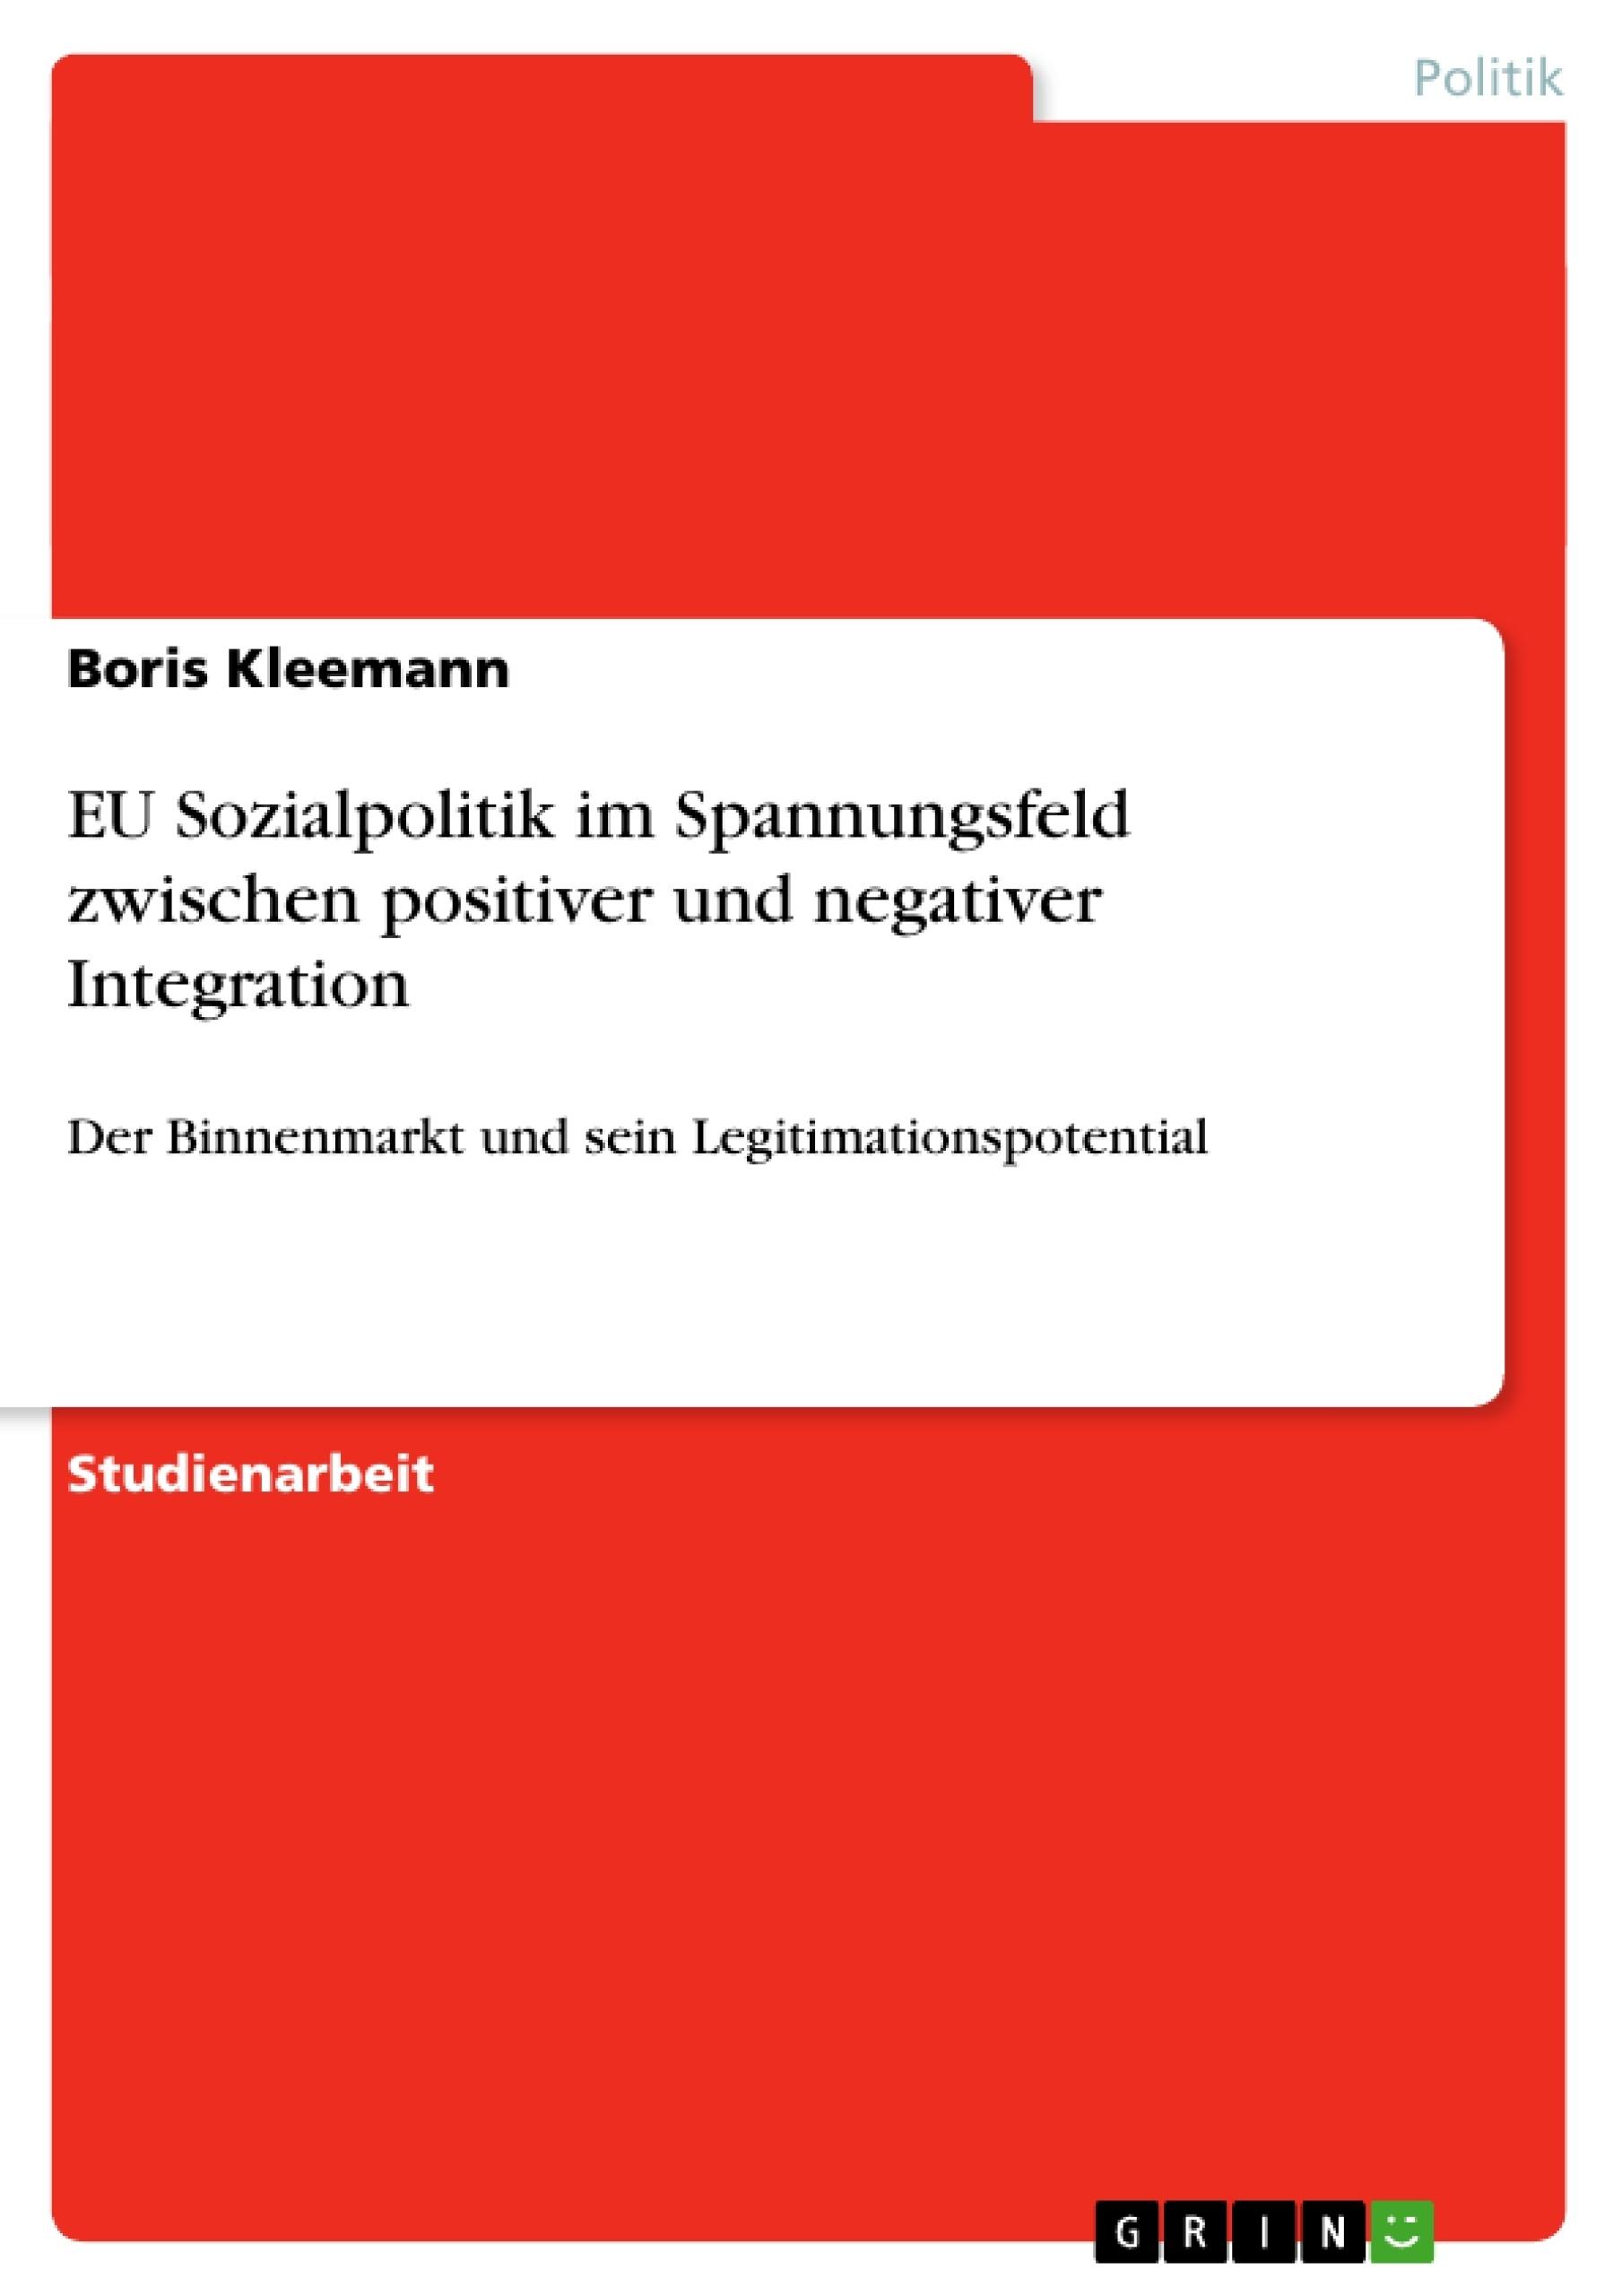 Titel: EU Sozialpolitik im Spannungsfeld zwischen positiver und negativer Integration